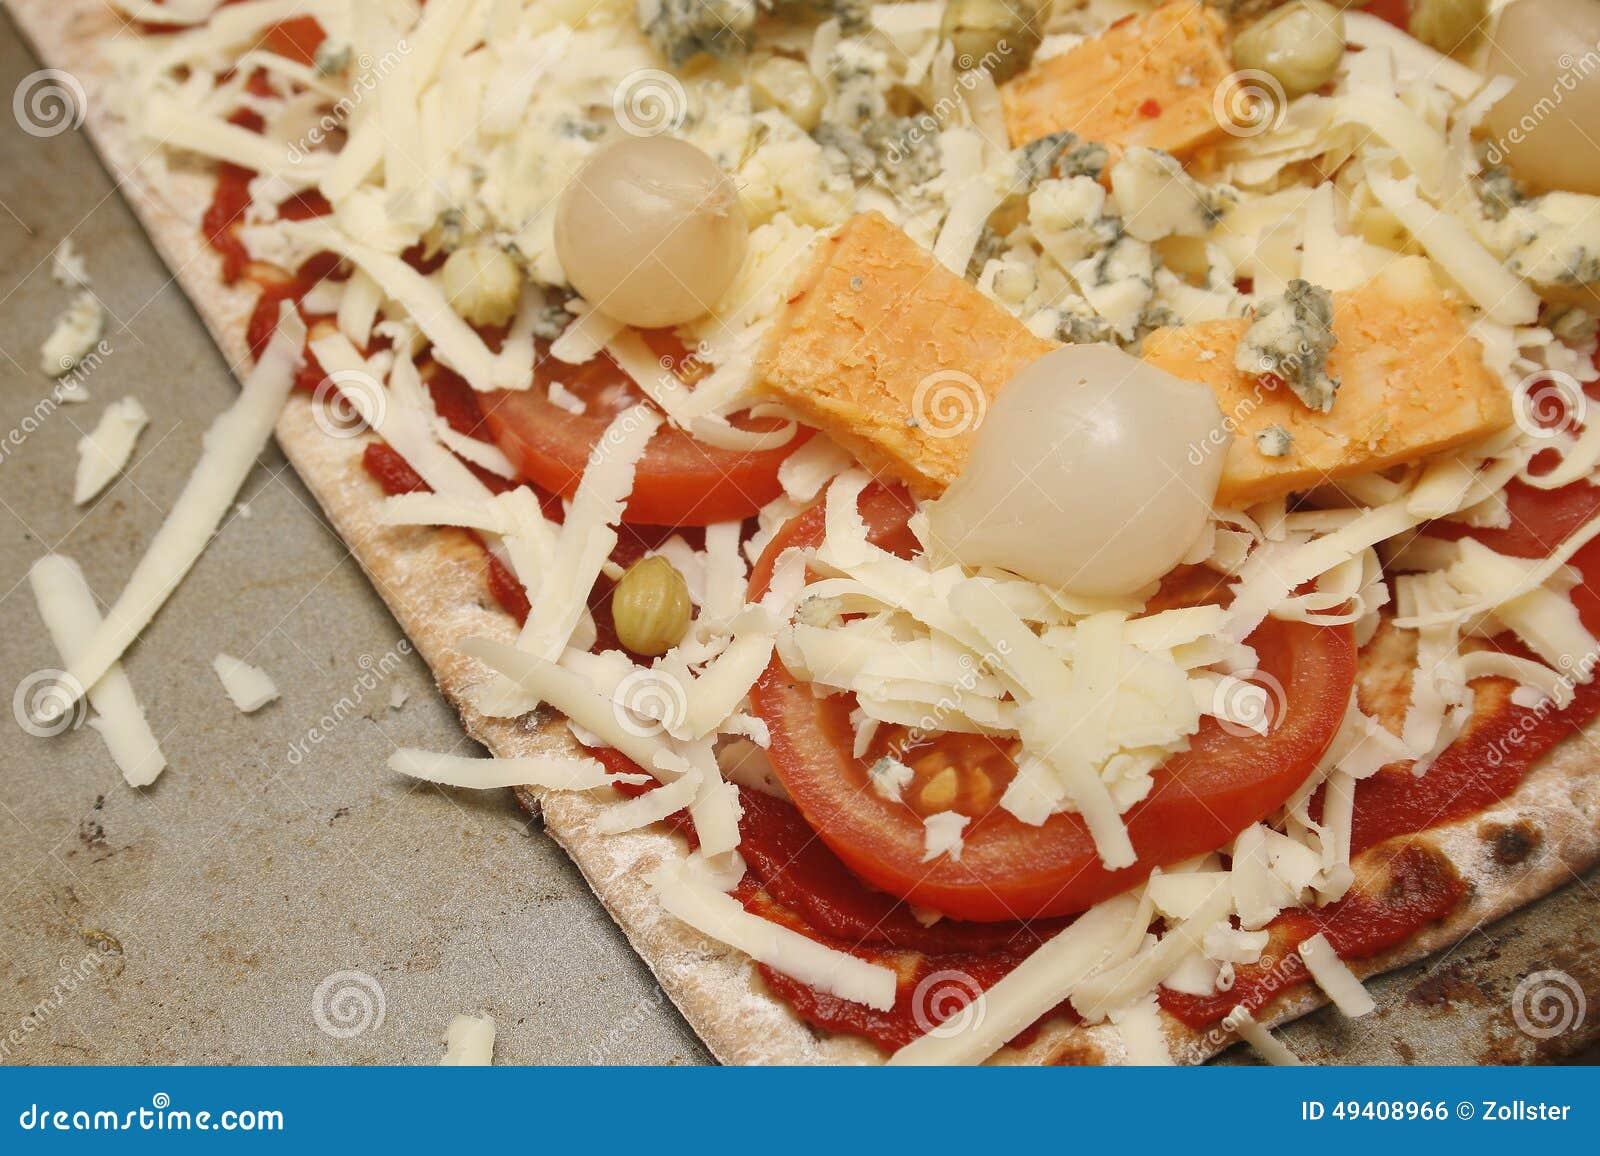 Download Pizza stockfoto. Bild von abendessen, vegetarier, pizza - 49408966